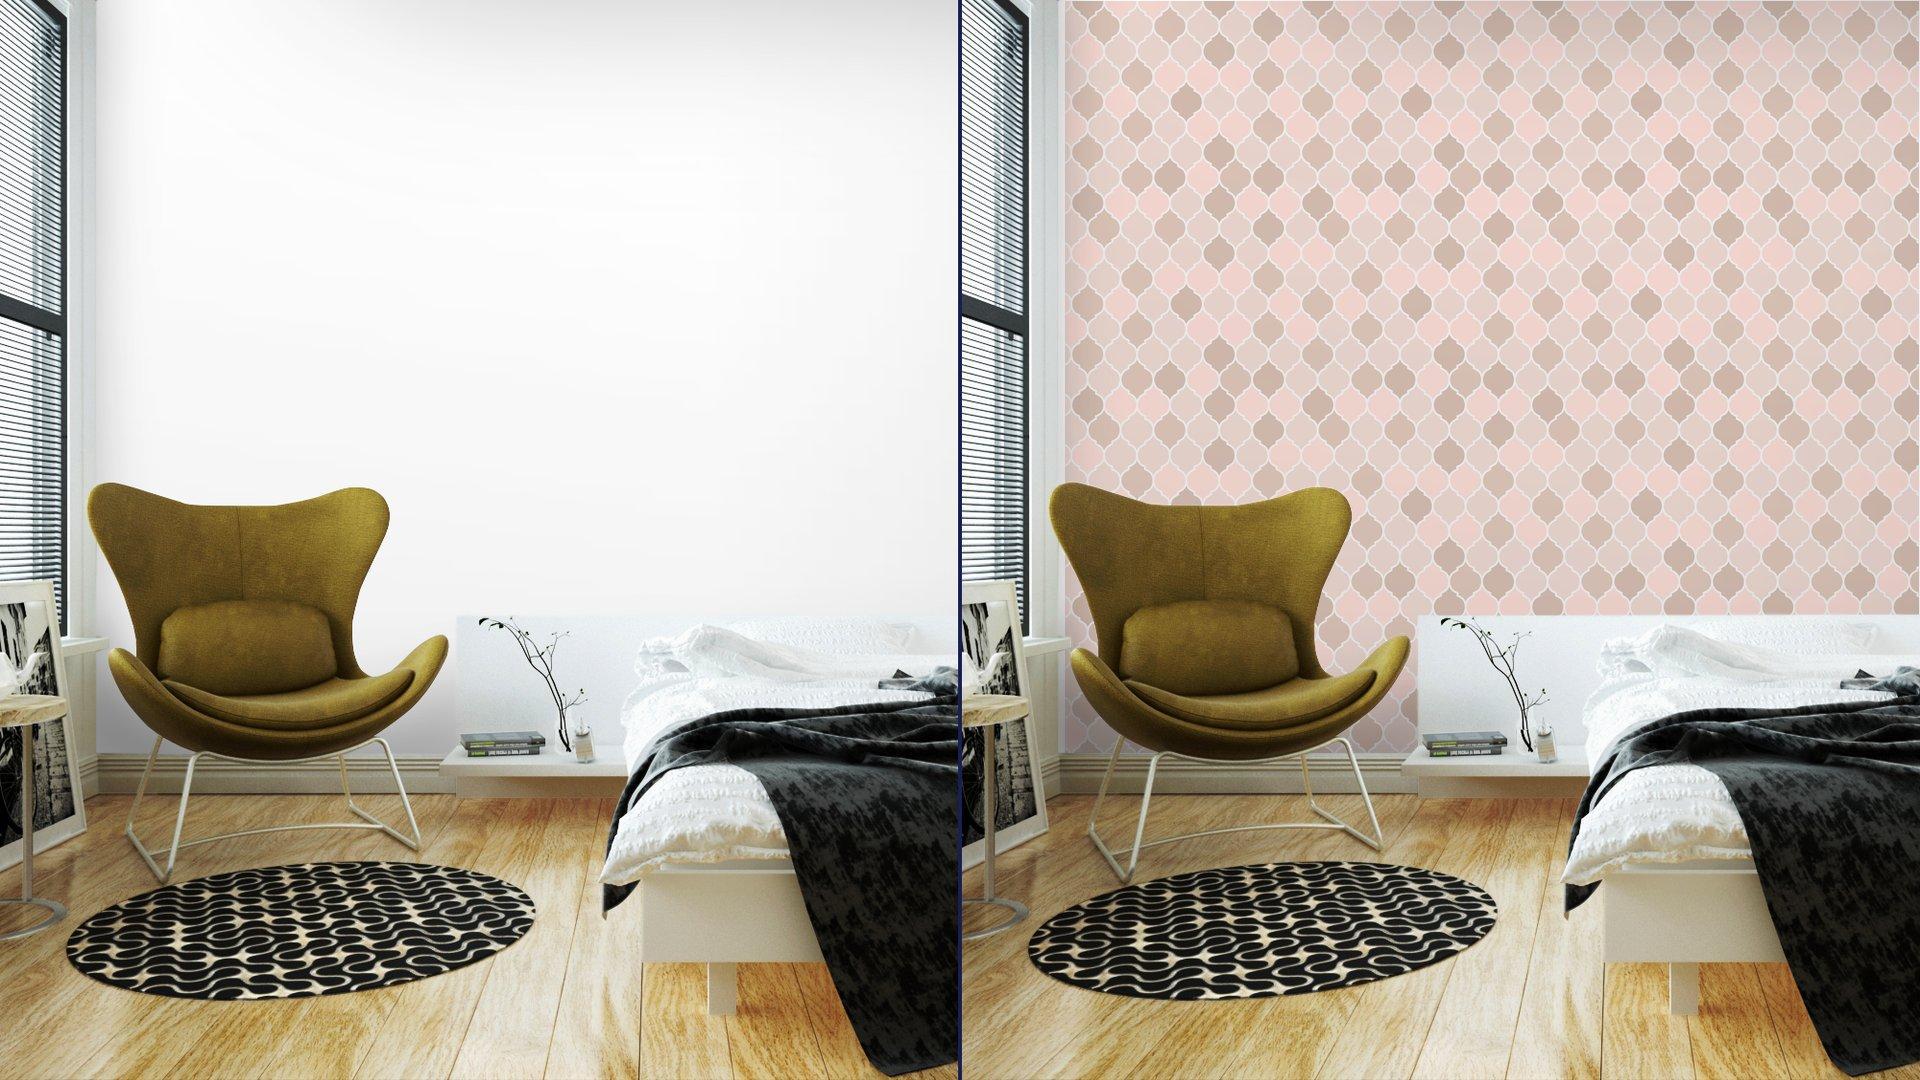 Fotomurales mexico papeles pintados baldosas sin fisuras patron de color rosa vector 2 - PapelTapizGeométrico Tonos Rosa 01